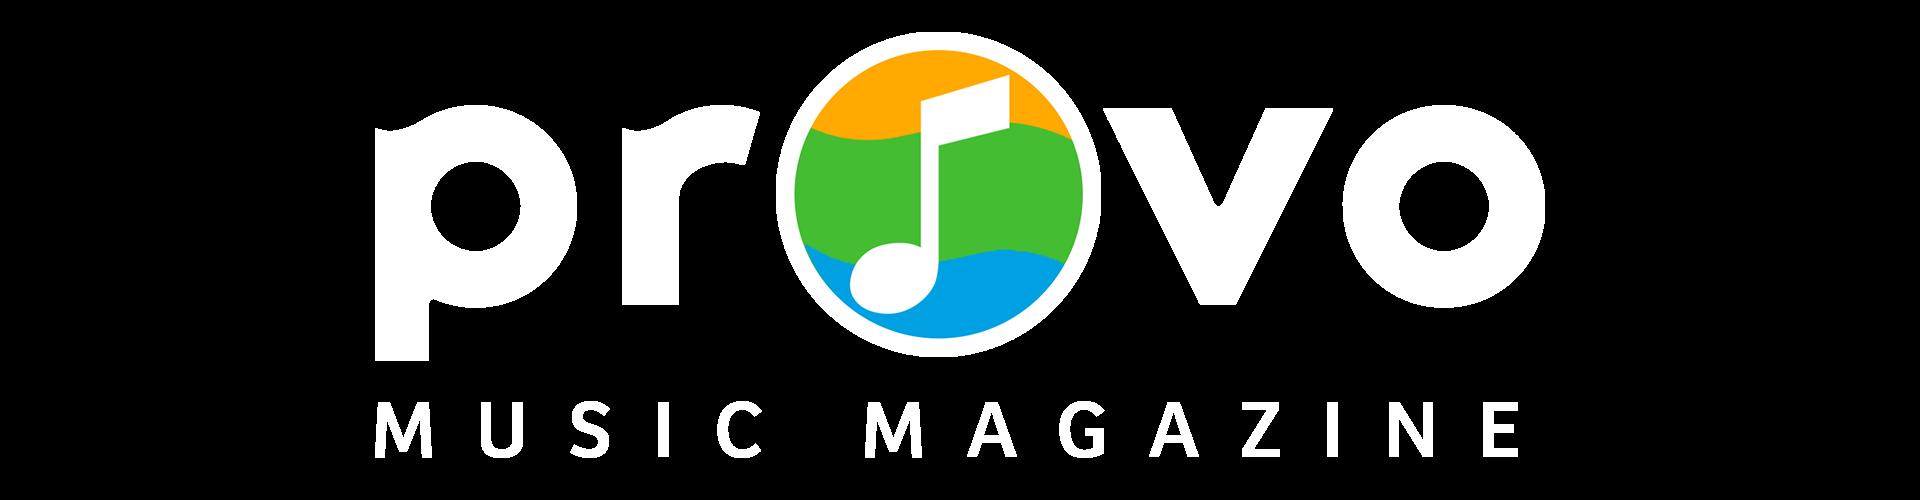 Provo Music Magazine